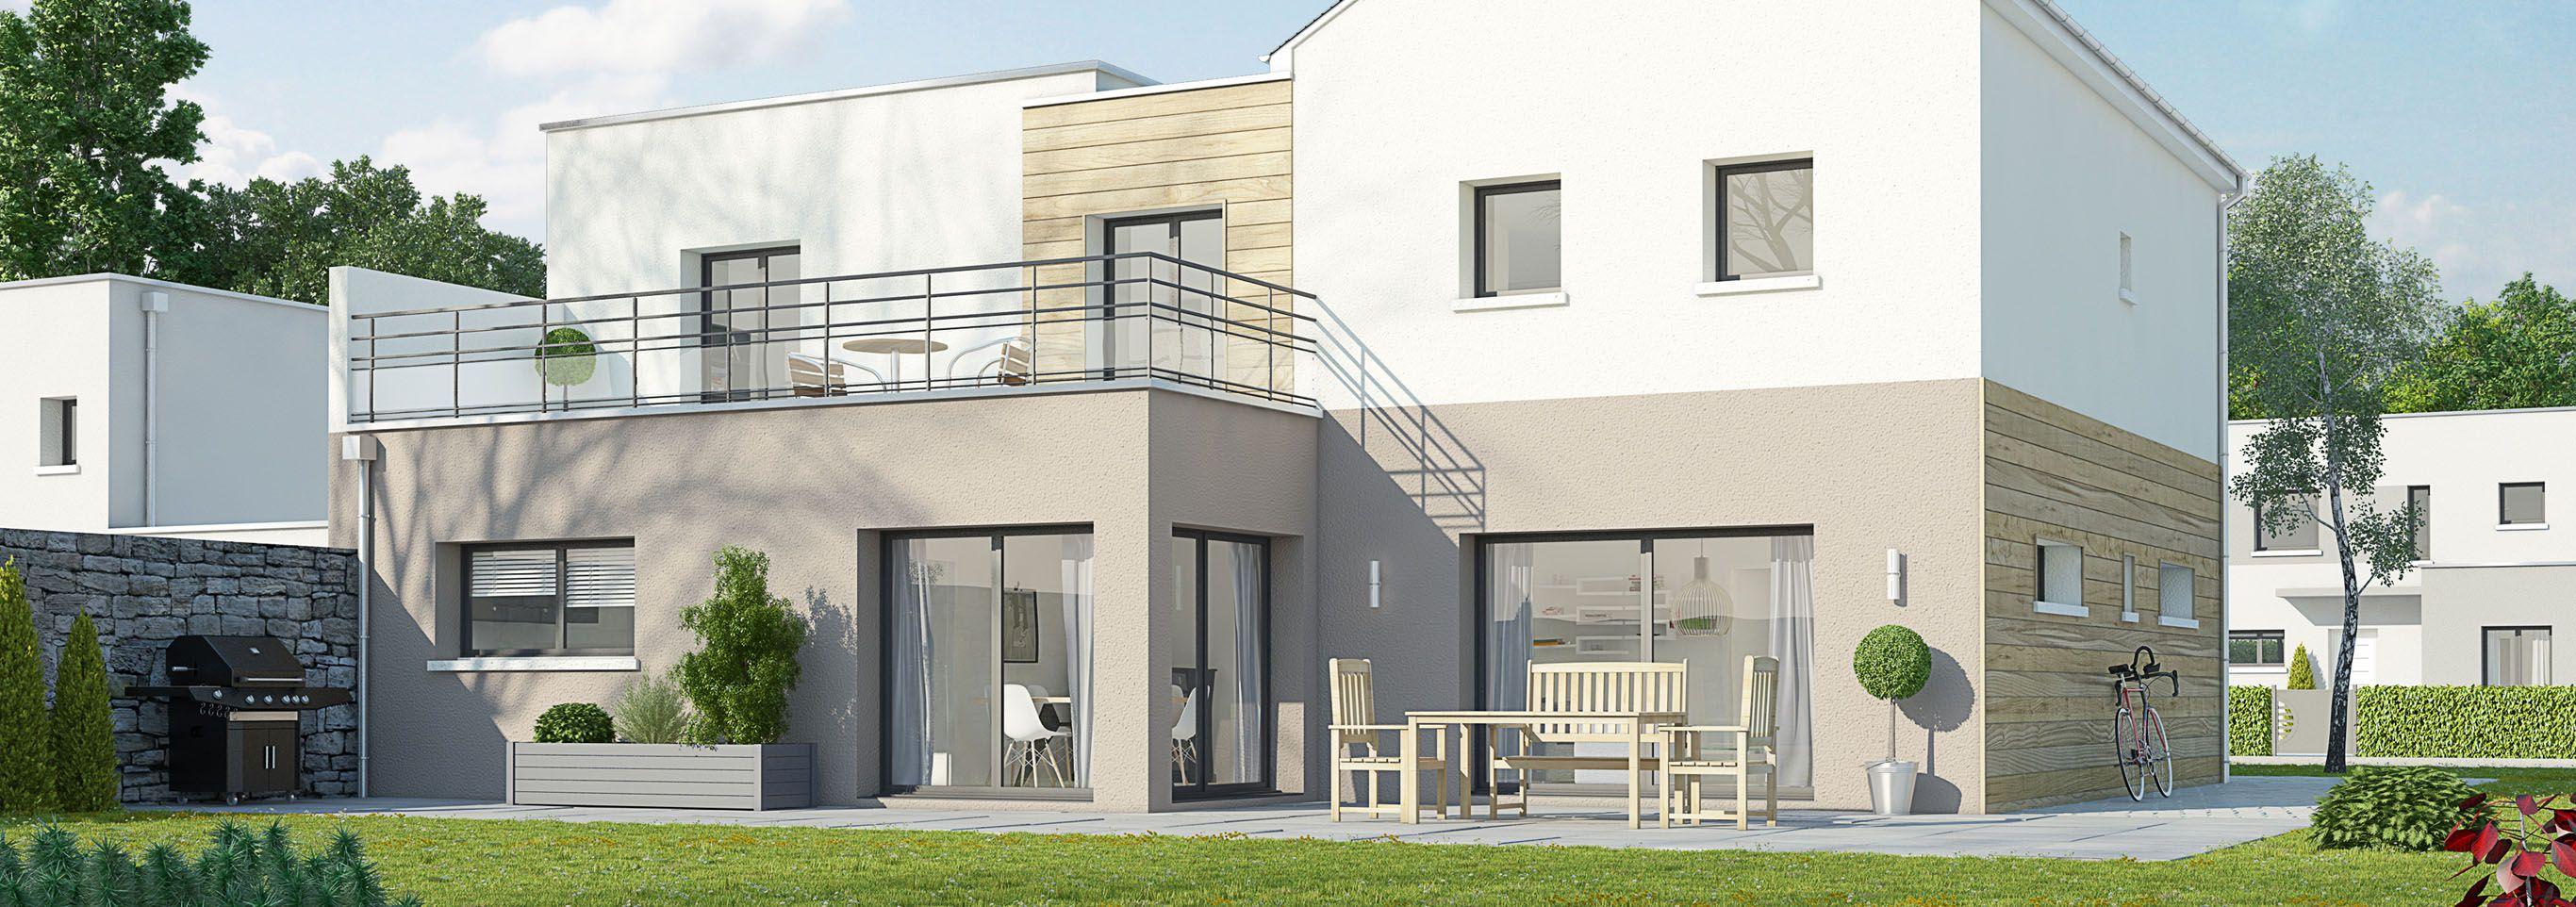 Plan maison en ligne logiciel decoration interieur en for Logiciel plan maison 80m2